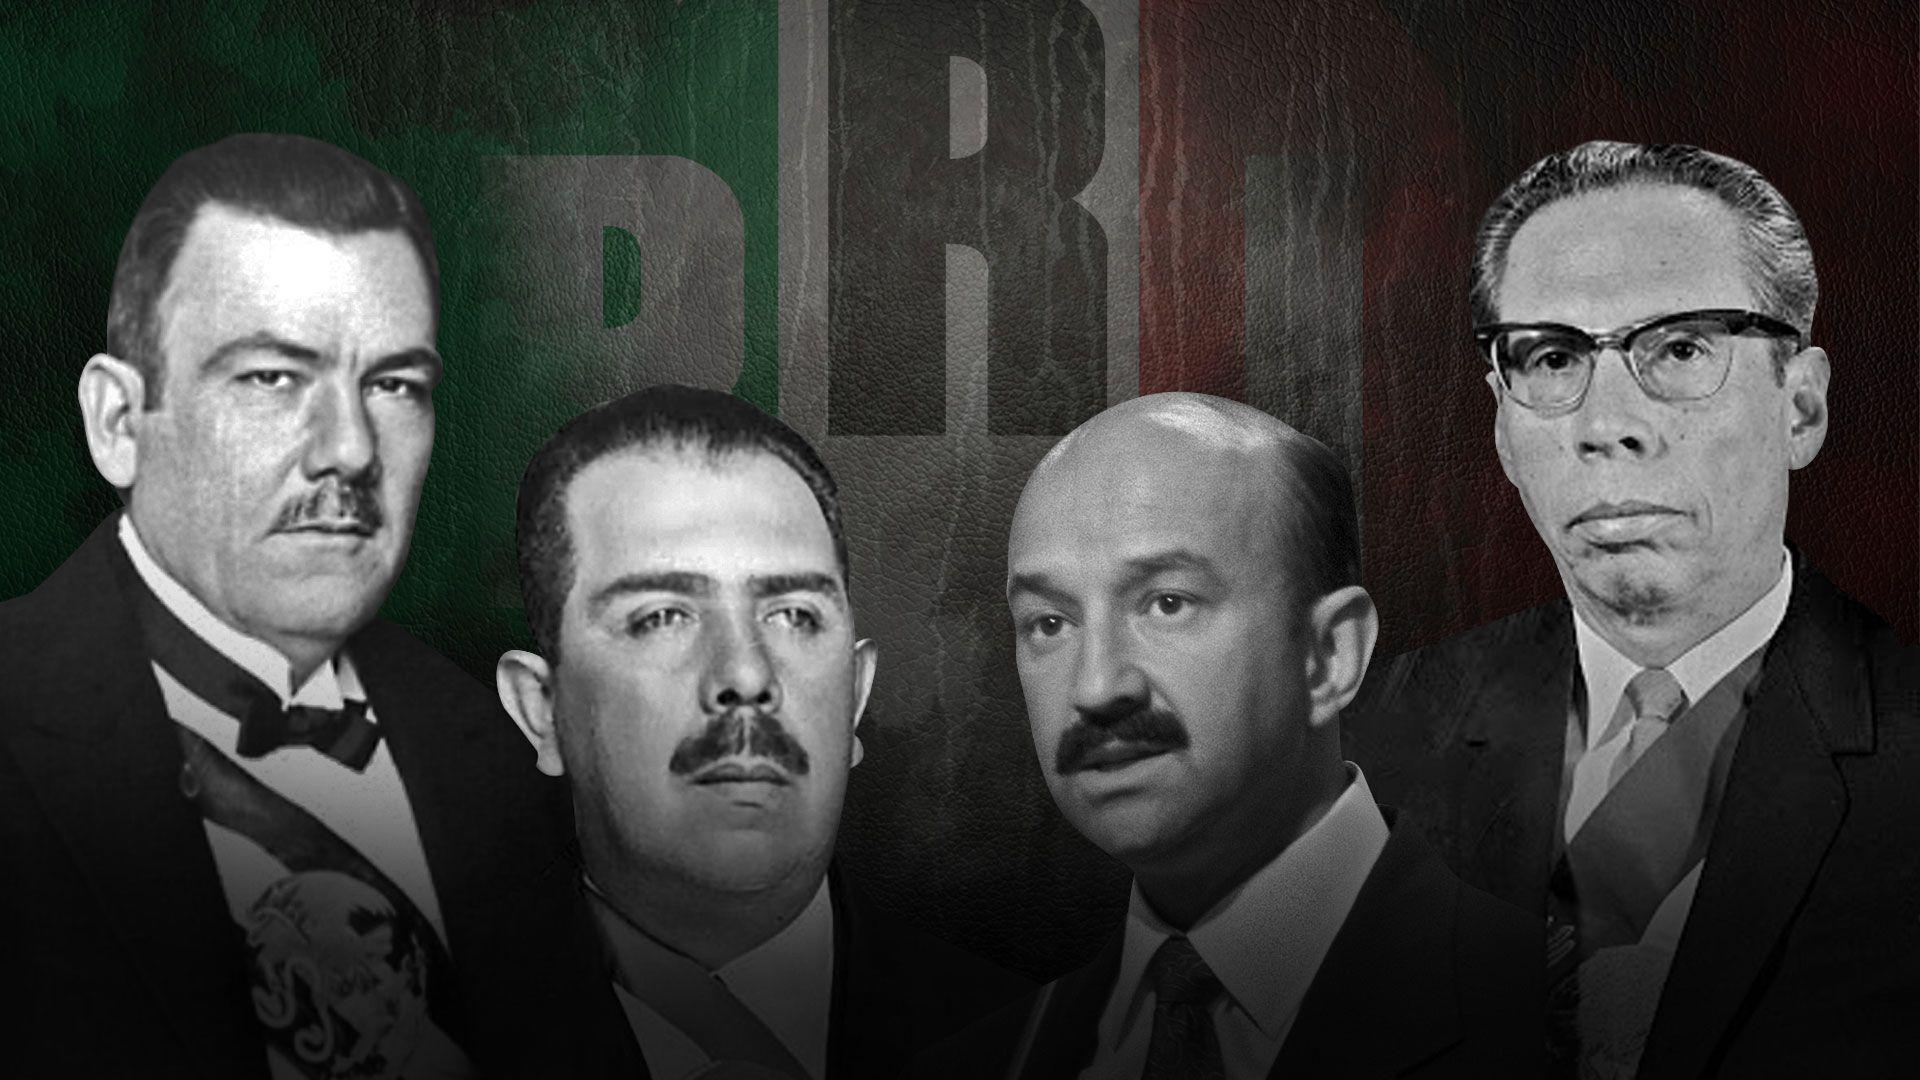 Aniversario del Partido Revolucionario Institucional (PRI) (Fotoarte: Jovani Pérez / Infobae)